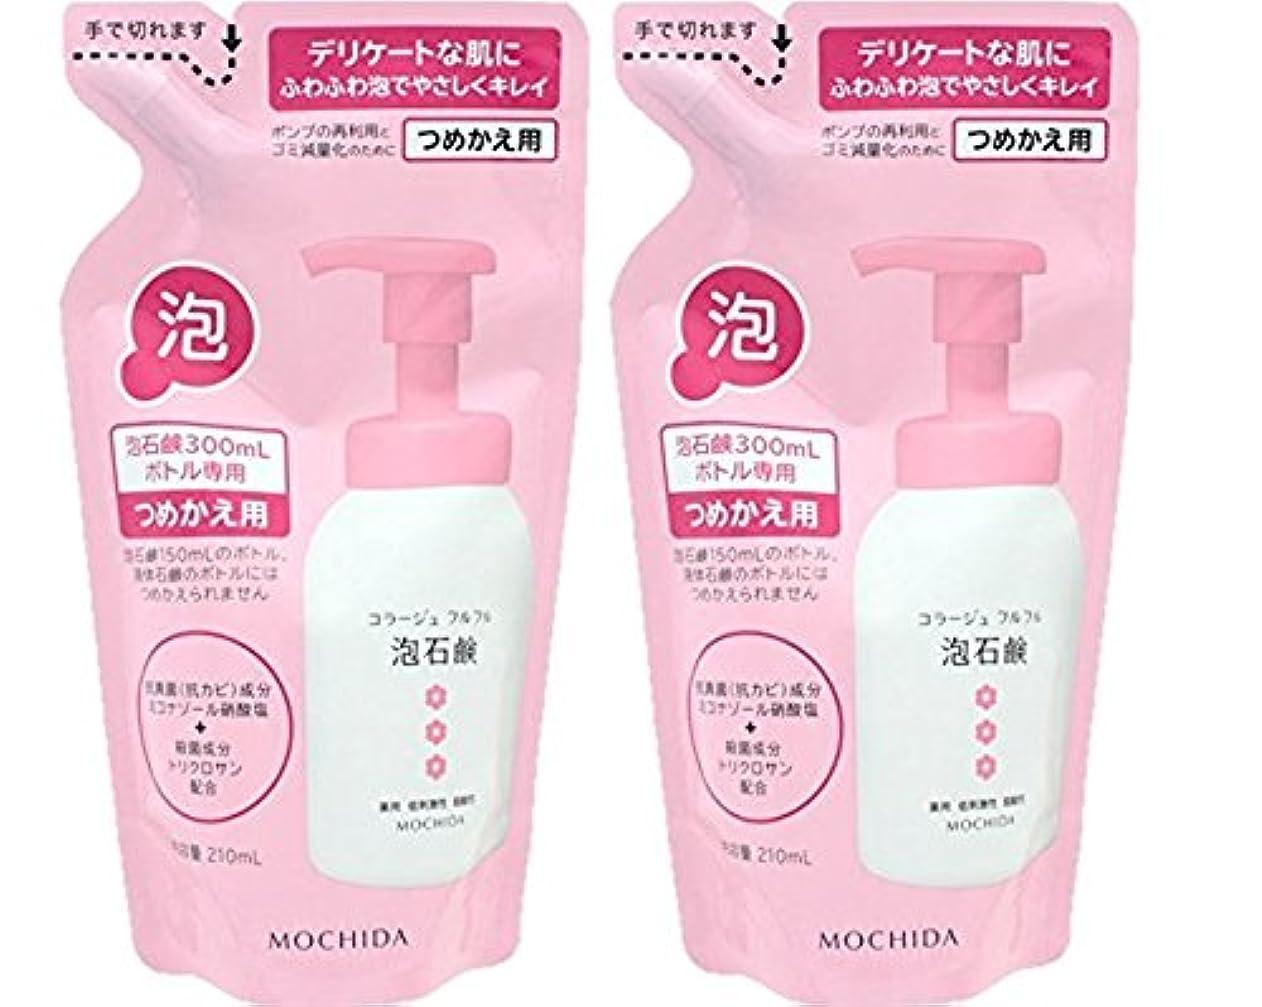 塩辛いファッションホステルコラージュフルフル 泡石鹸 ピンク つめかえ用 210mL (医薬部外品)×2